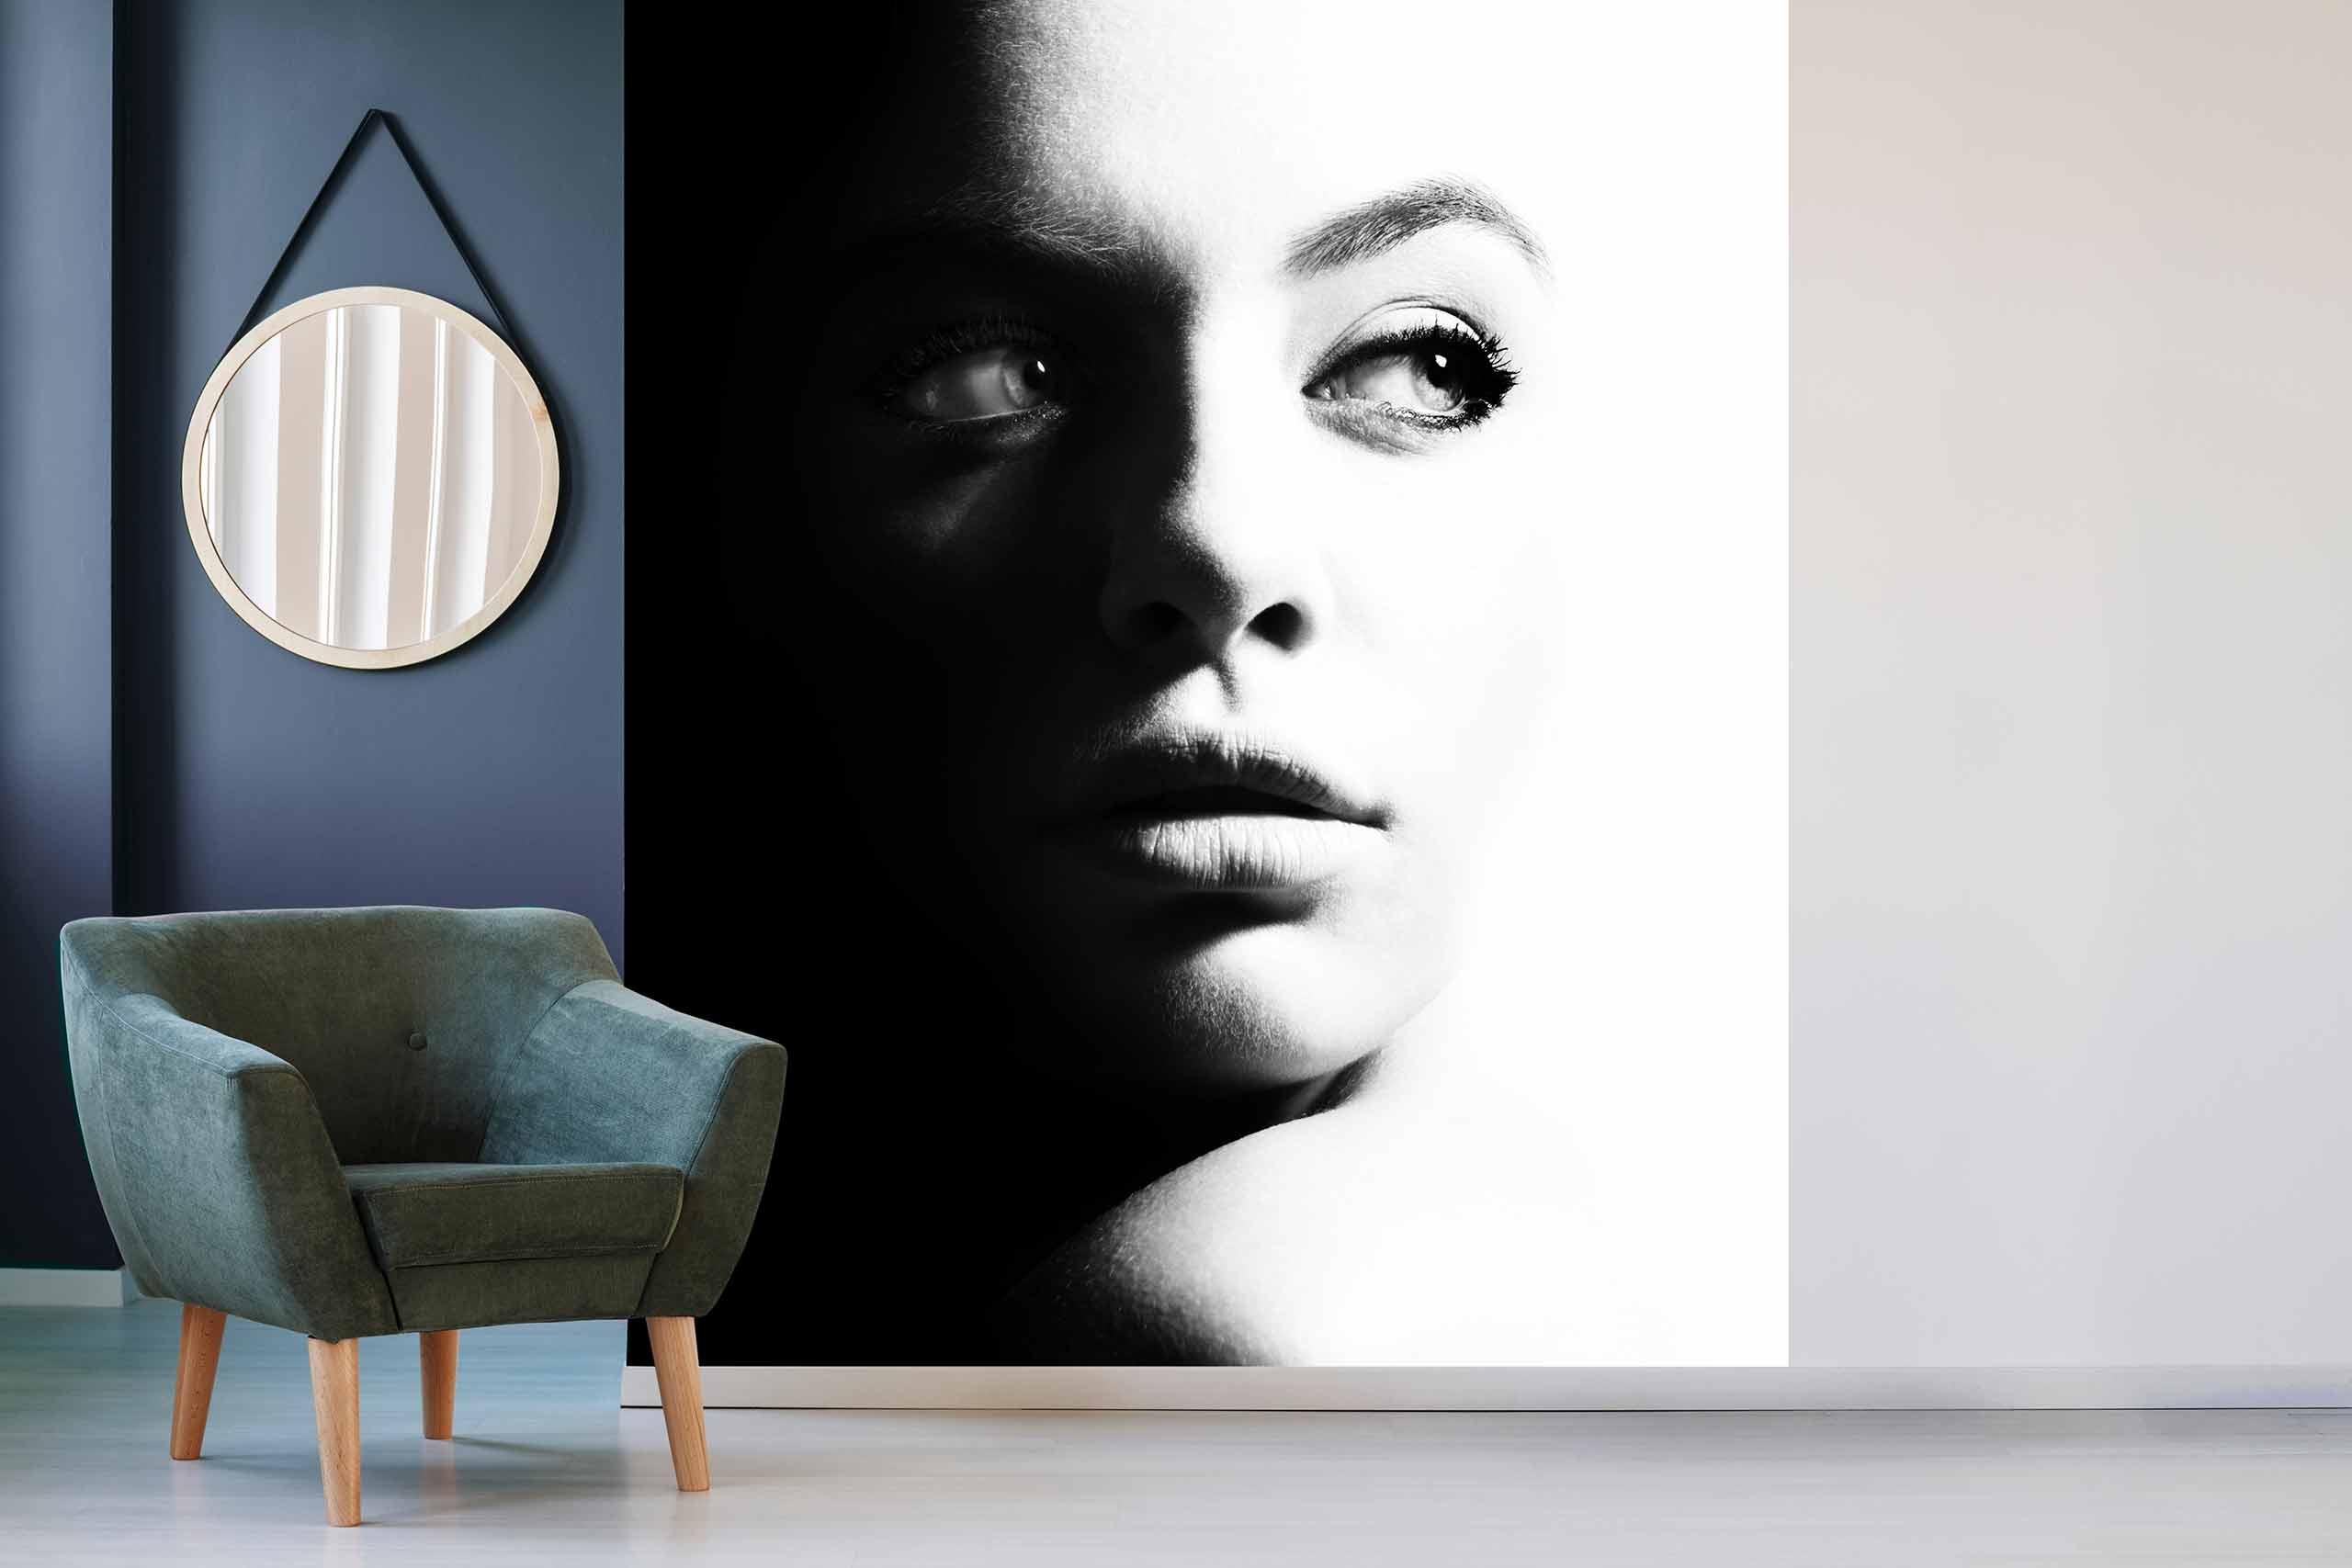 Vlies Tapete 225 Fototapete Höhe 250cm Motiv 154 Portrait Schwarz-Weiß